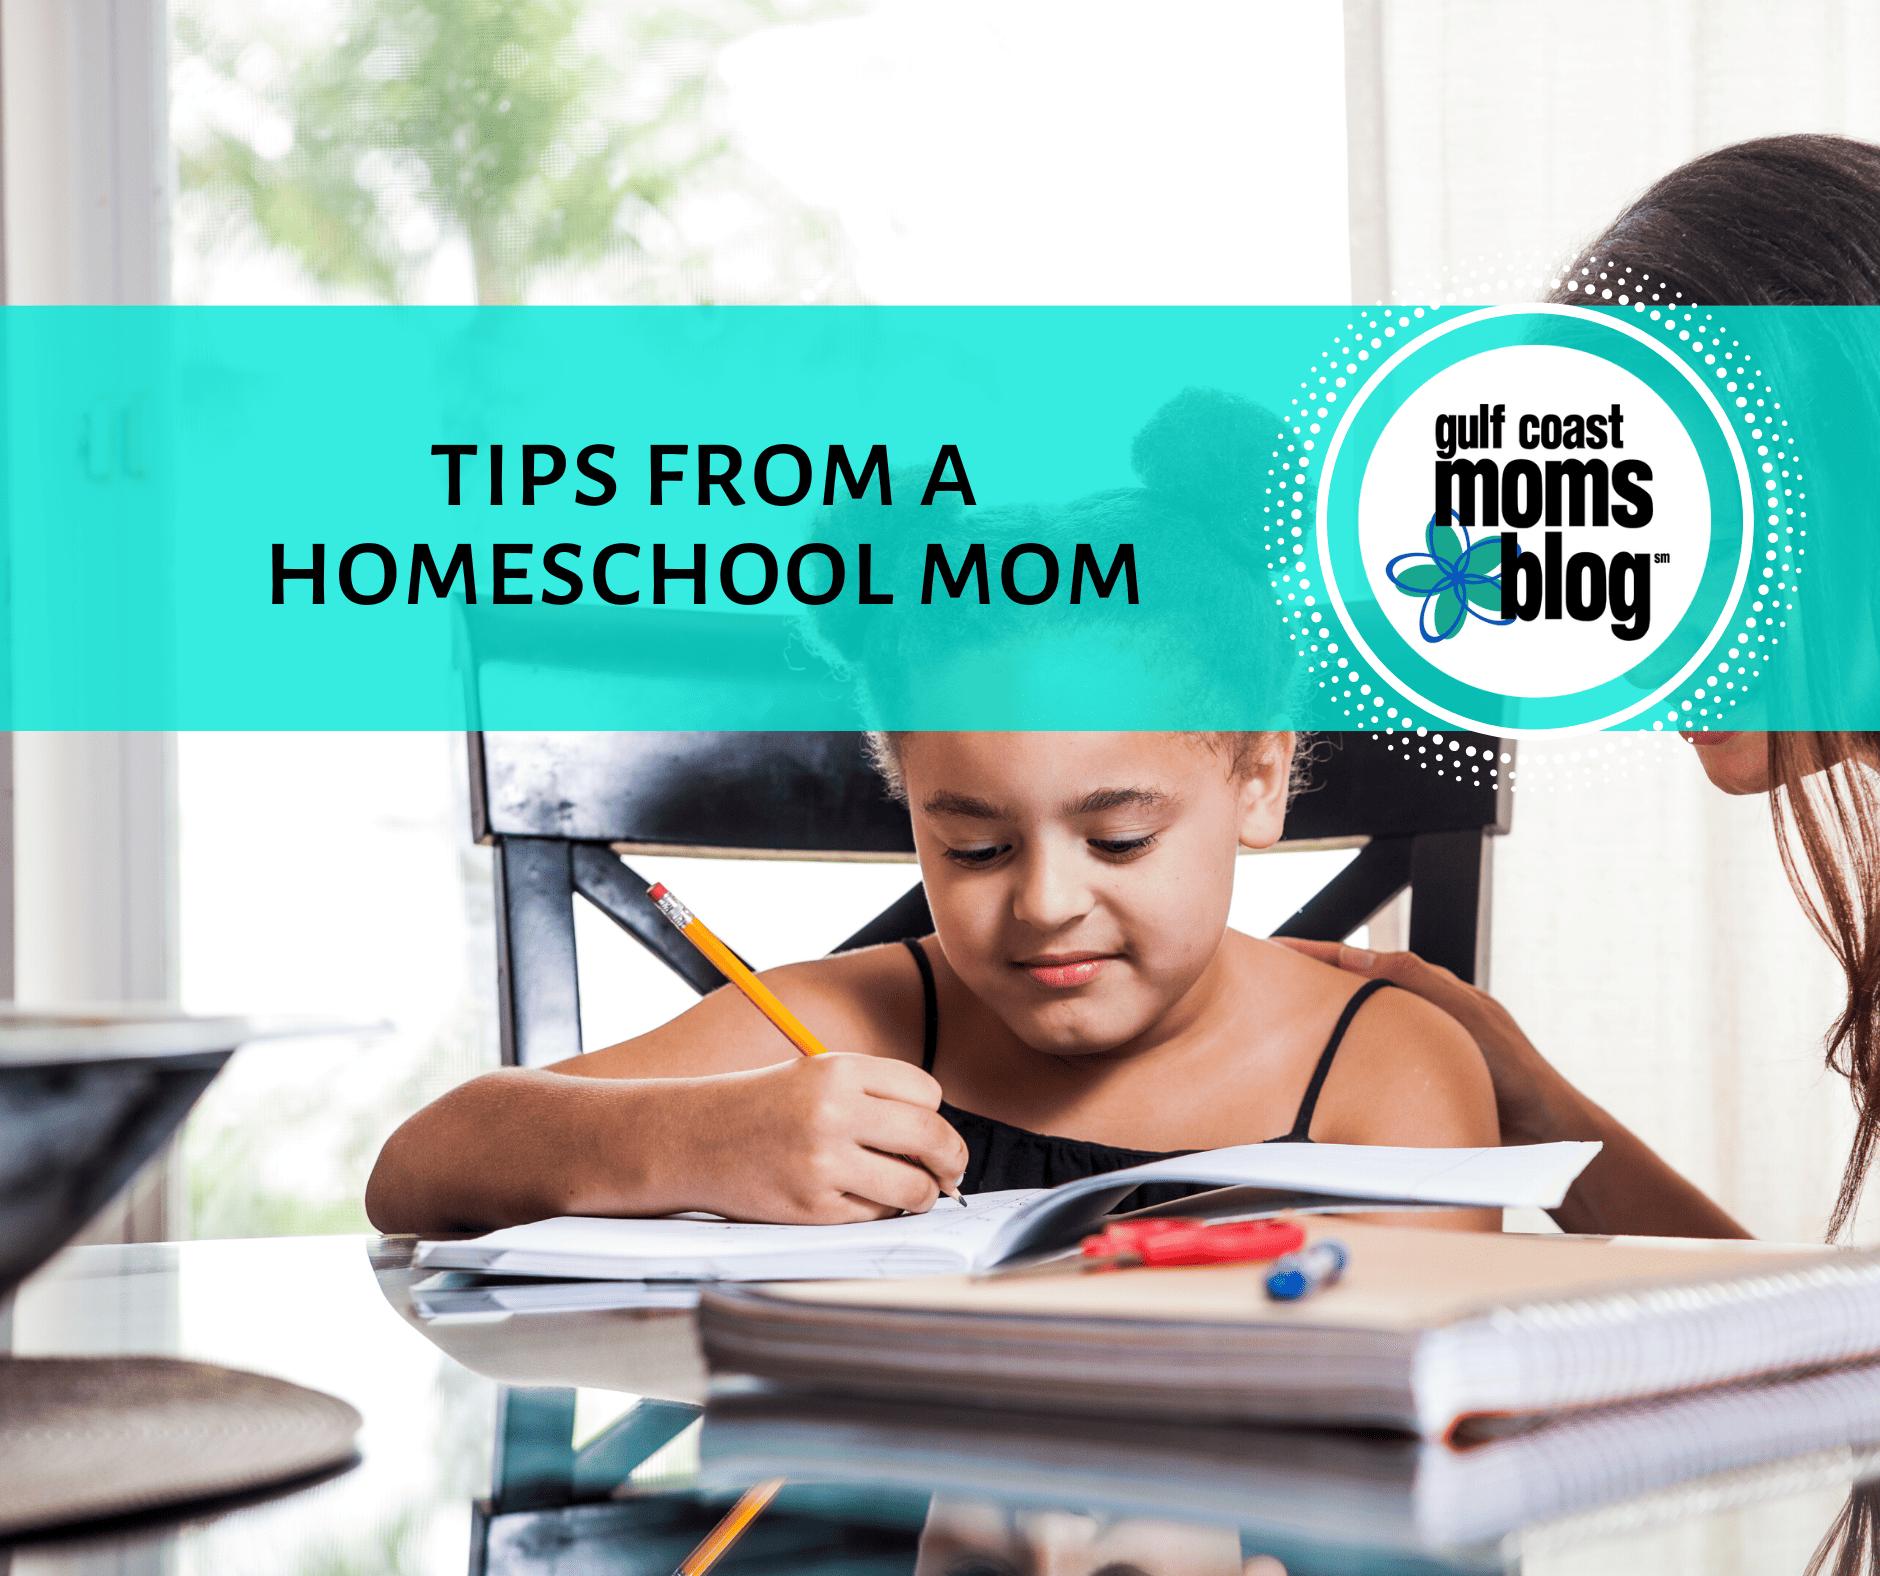 tips from homeschool mom